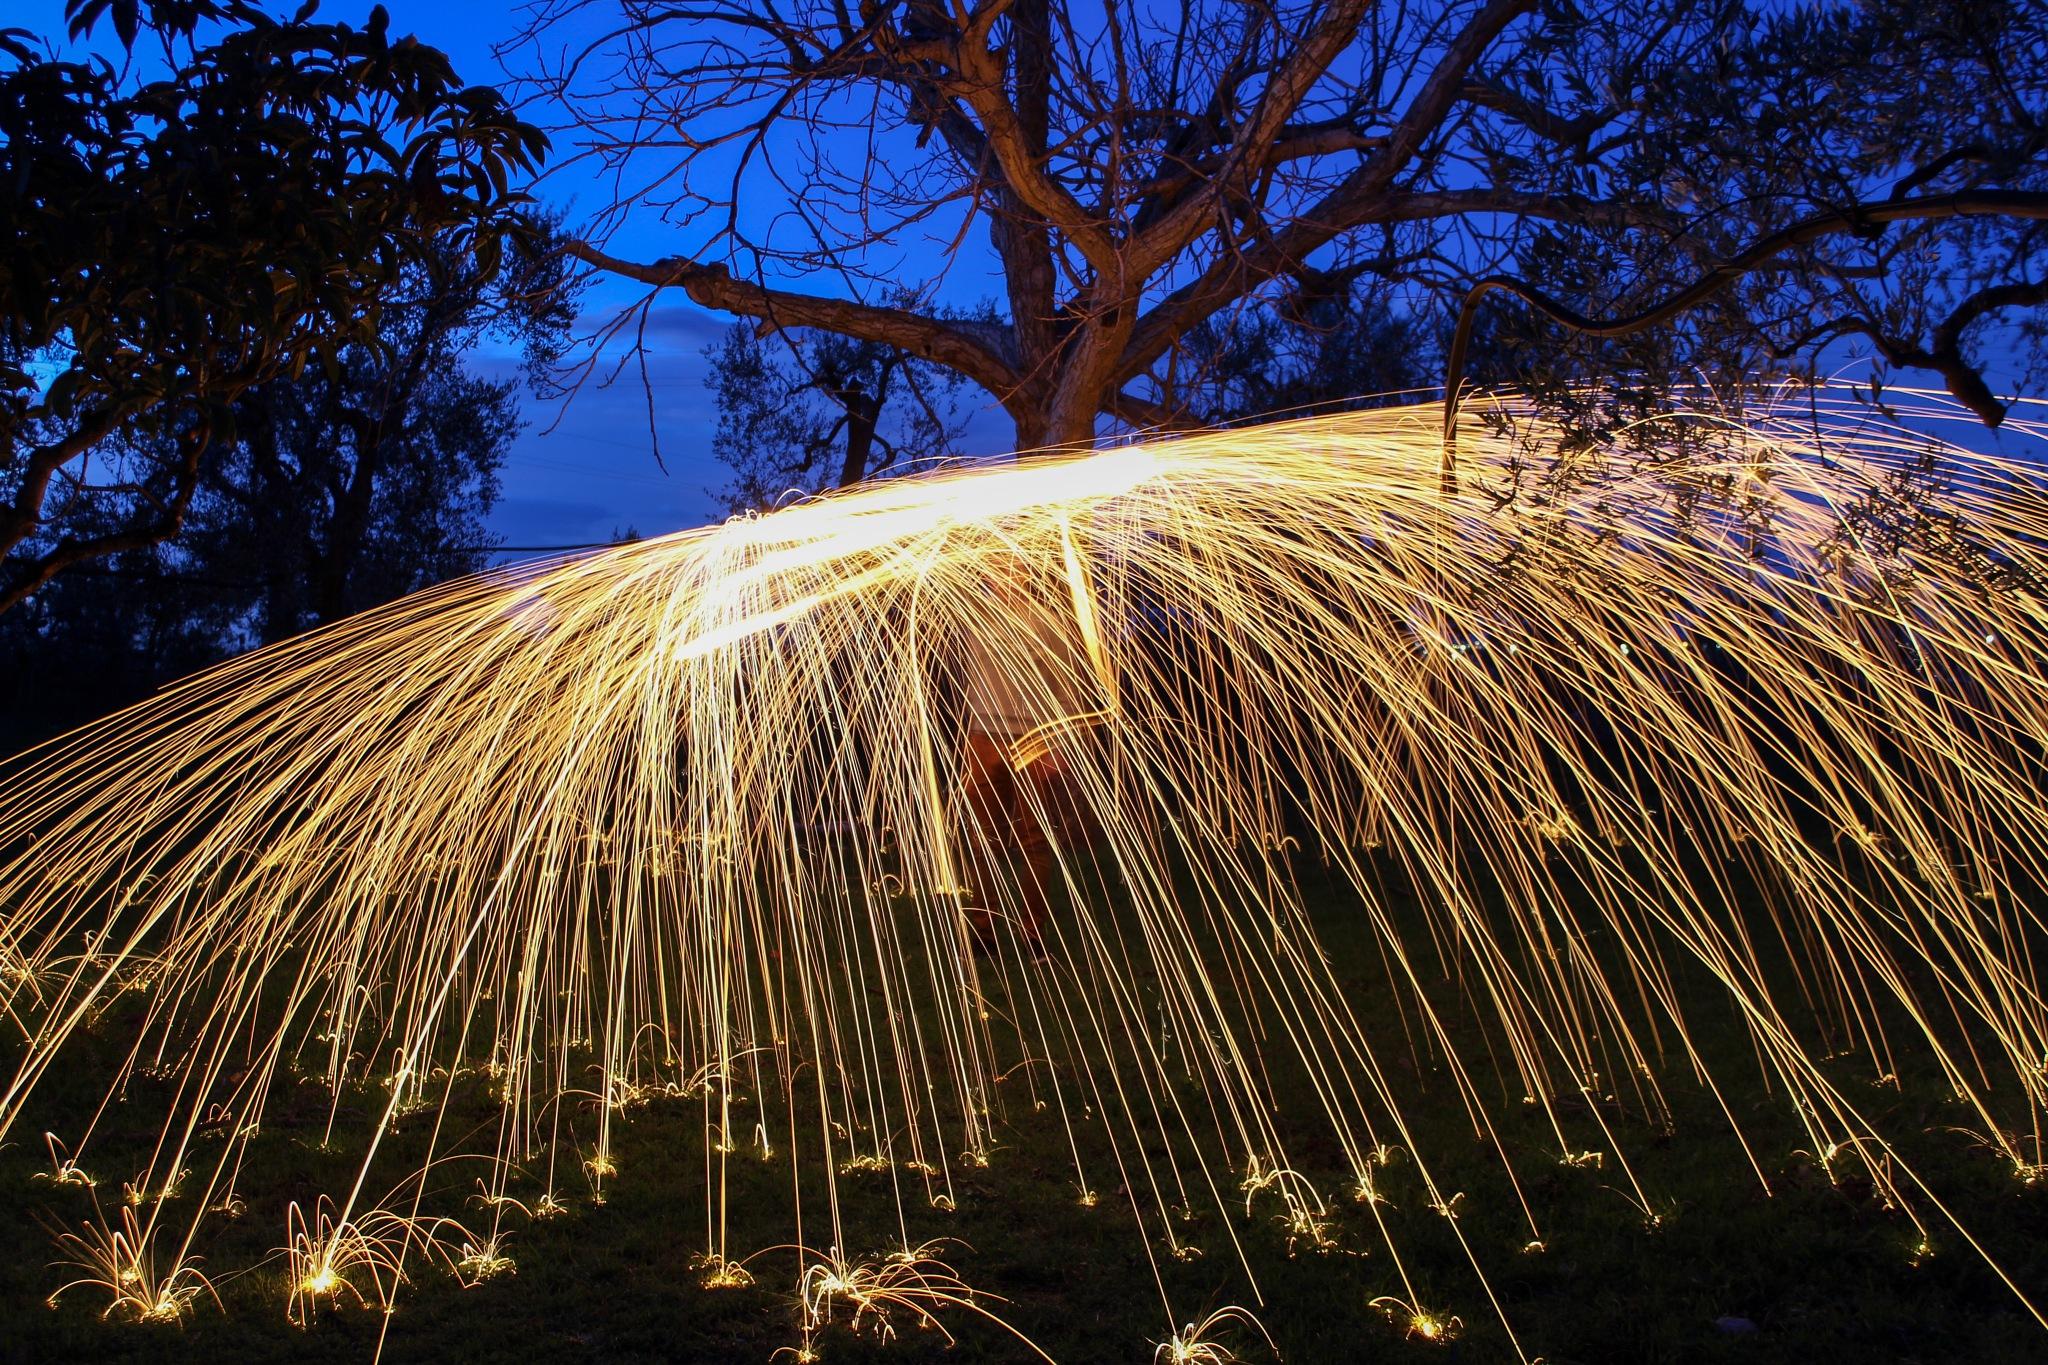 Long exposure steel wool - no filters  by notarnicola10